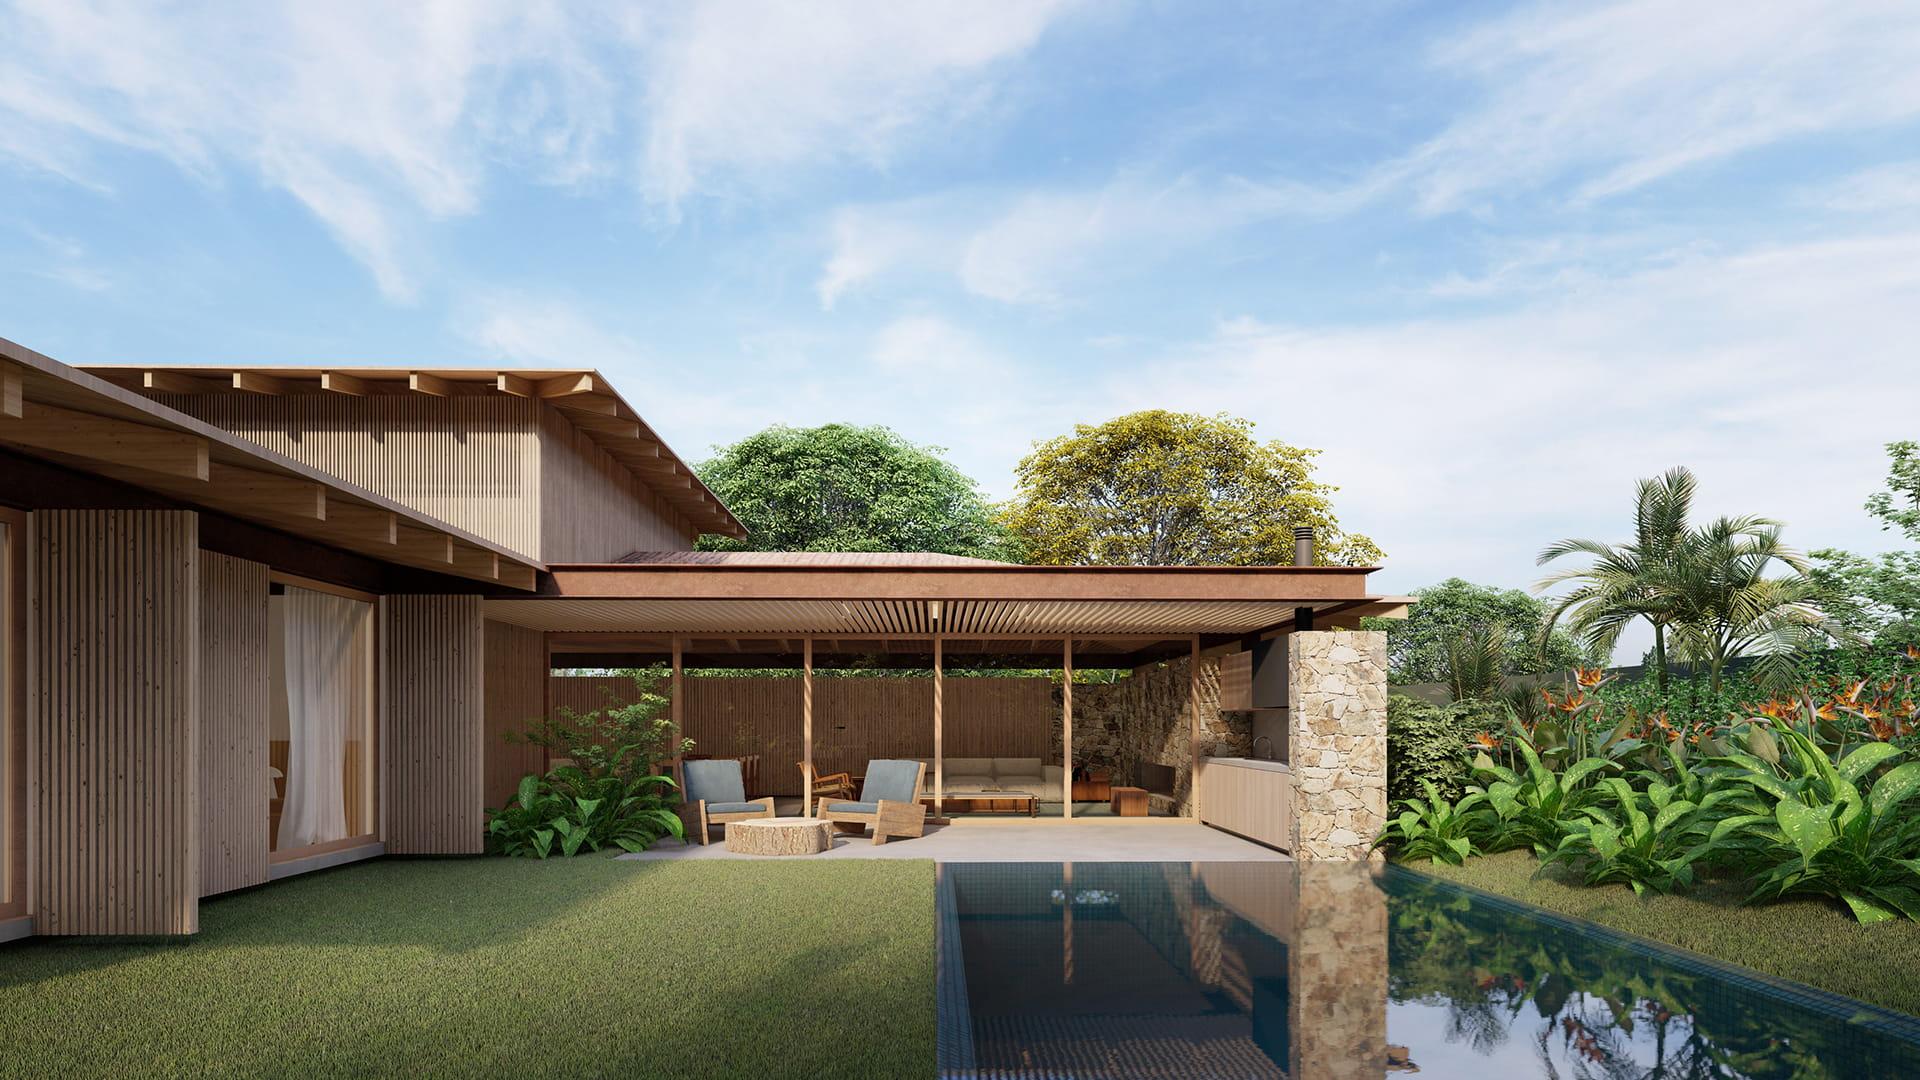 Casa Tetris Sabella Arquitetura